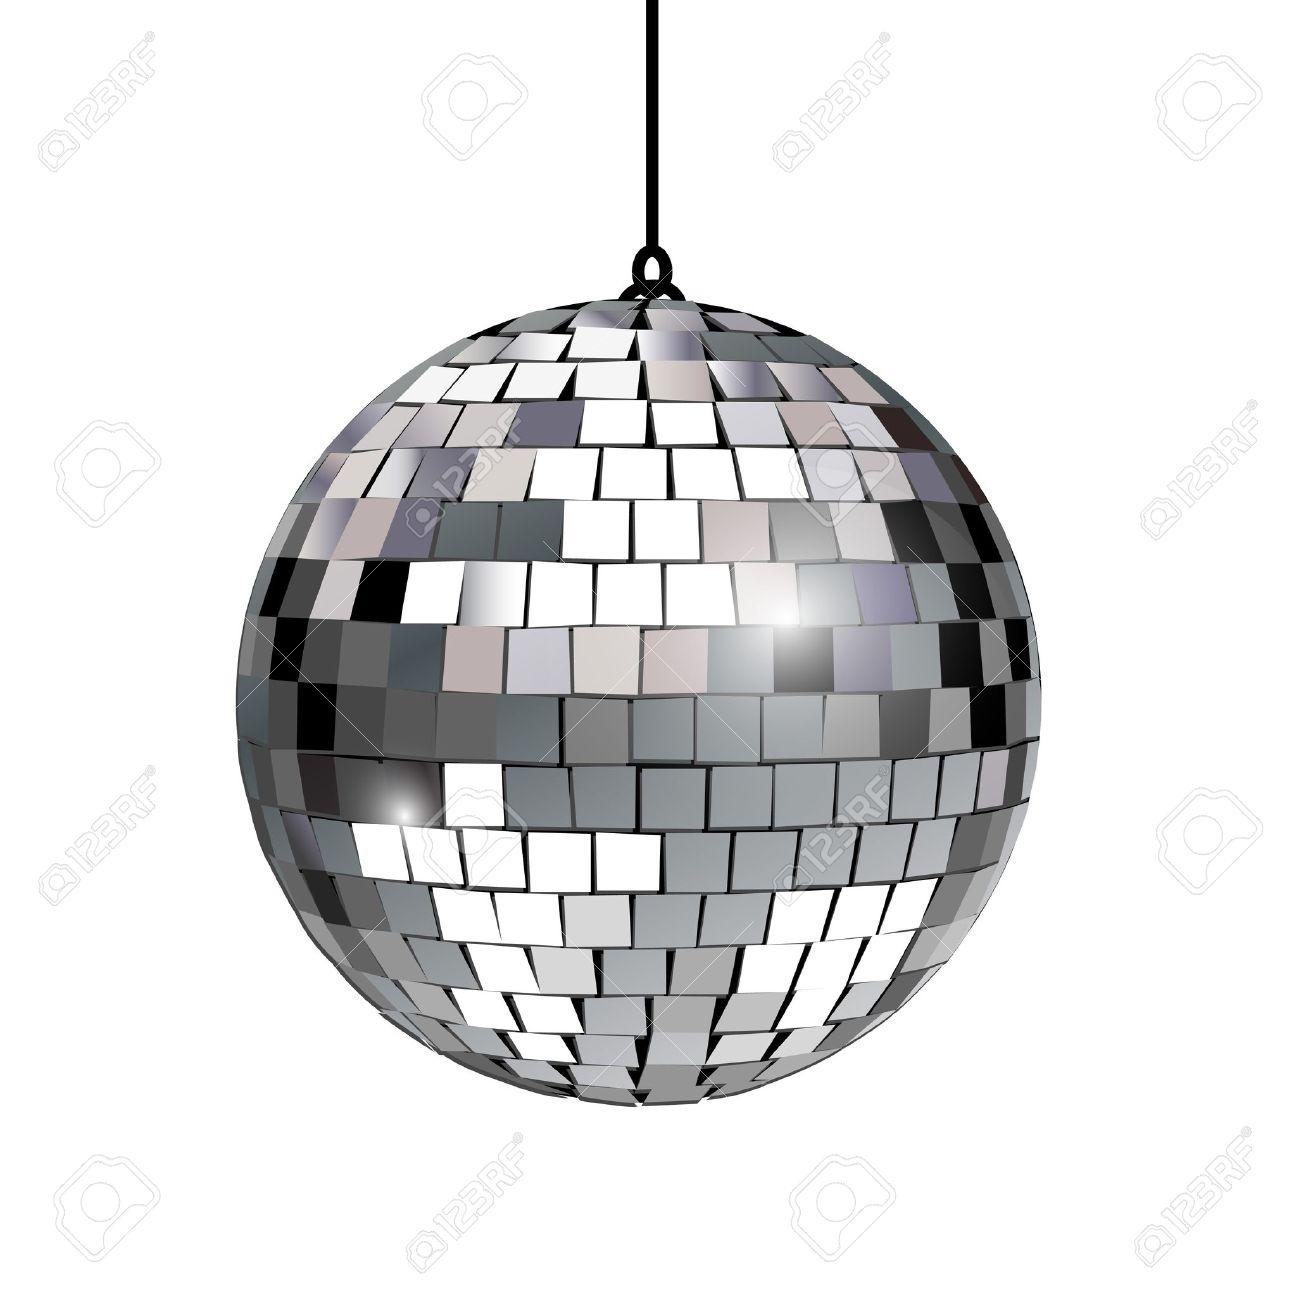 Disco ball clipart free clipground - Bola de discoteca ...